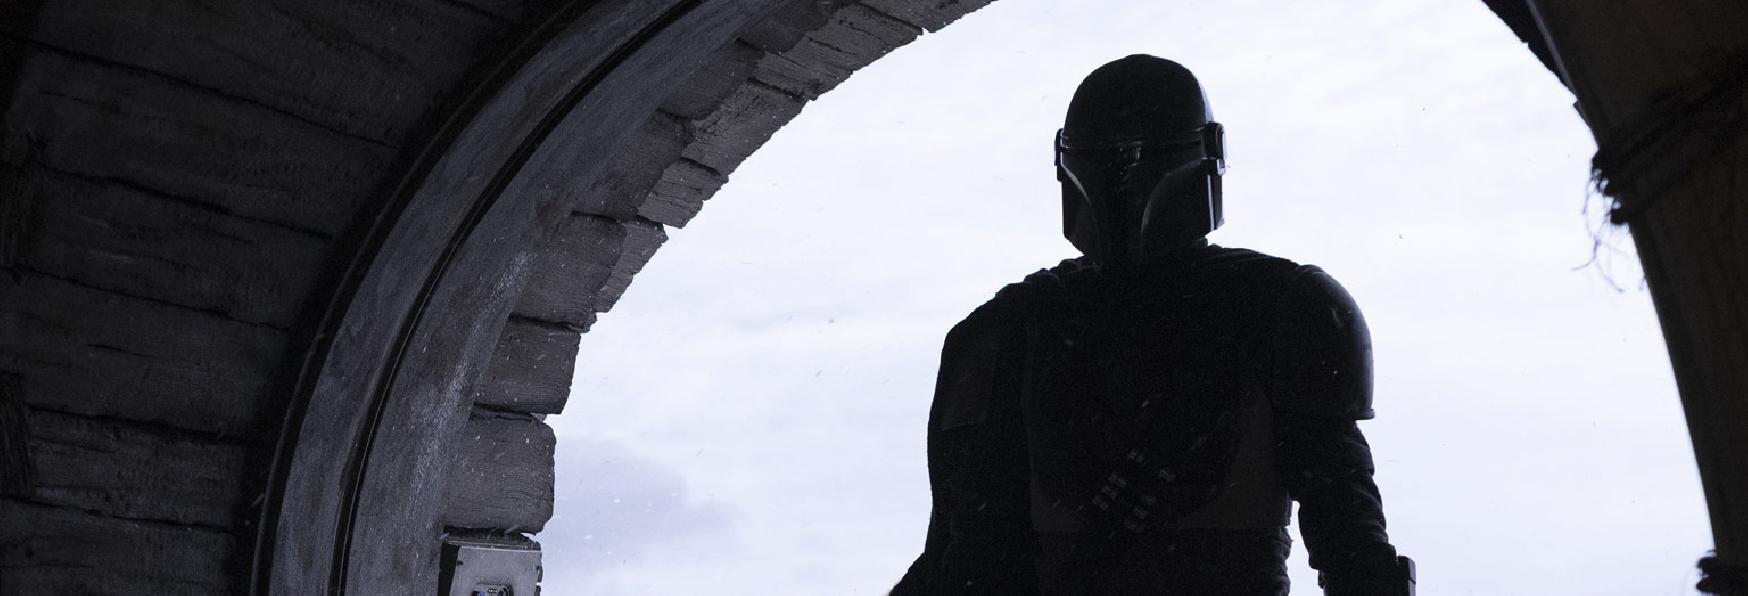 The Mandalorian: gli Episodi saranno rilasciati con le Tempistiche Tradizionali